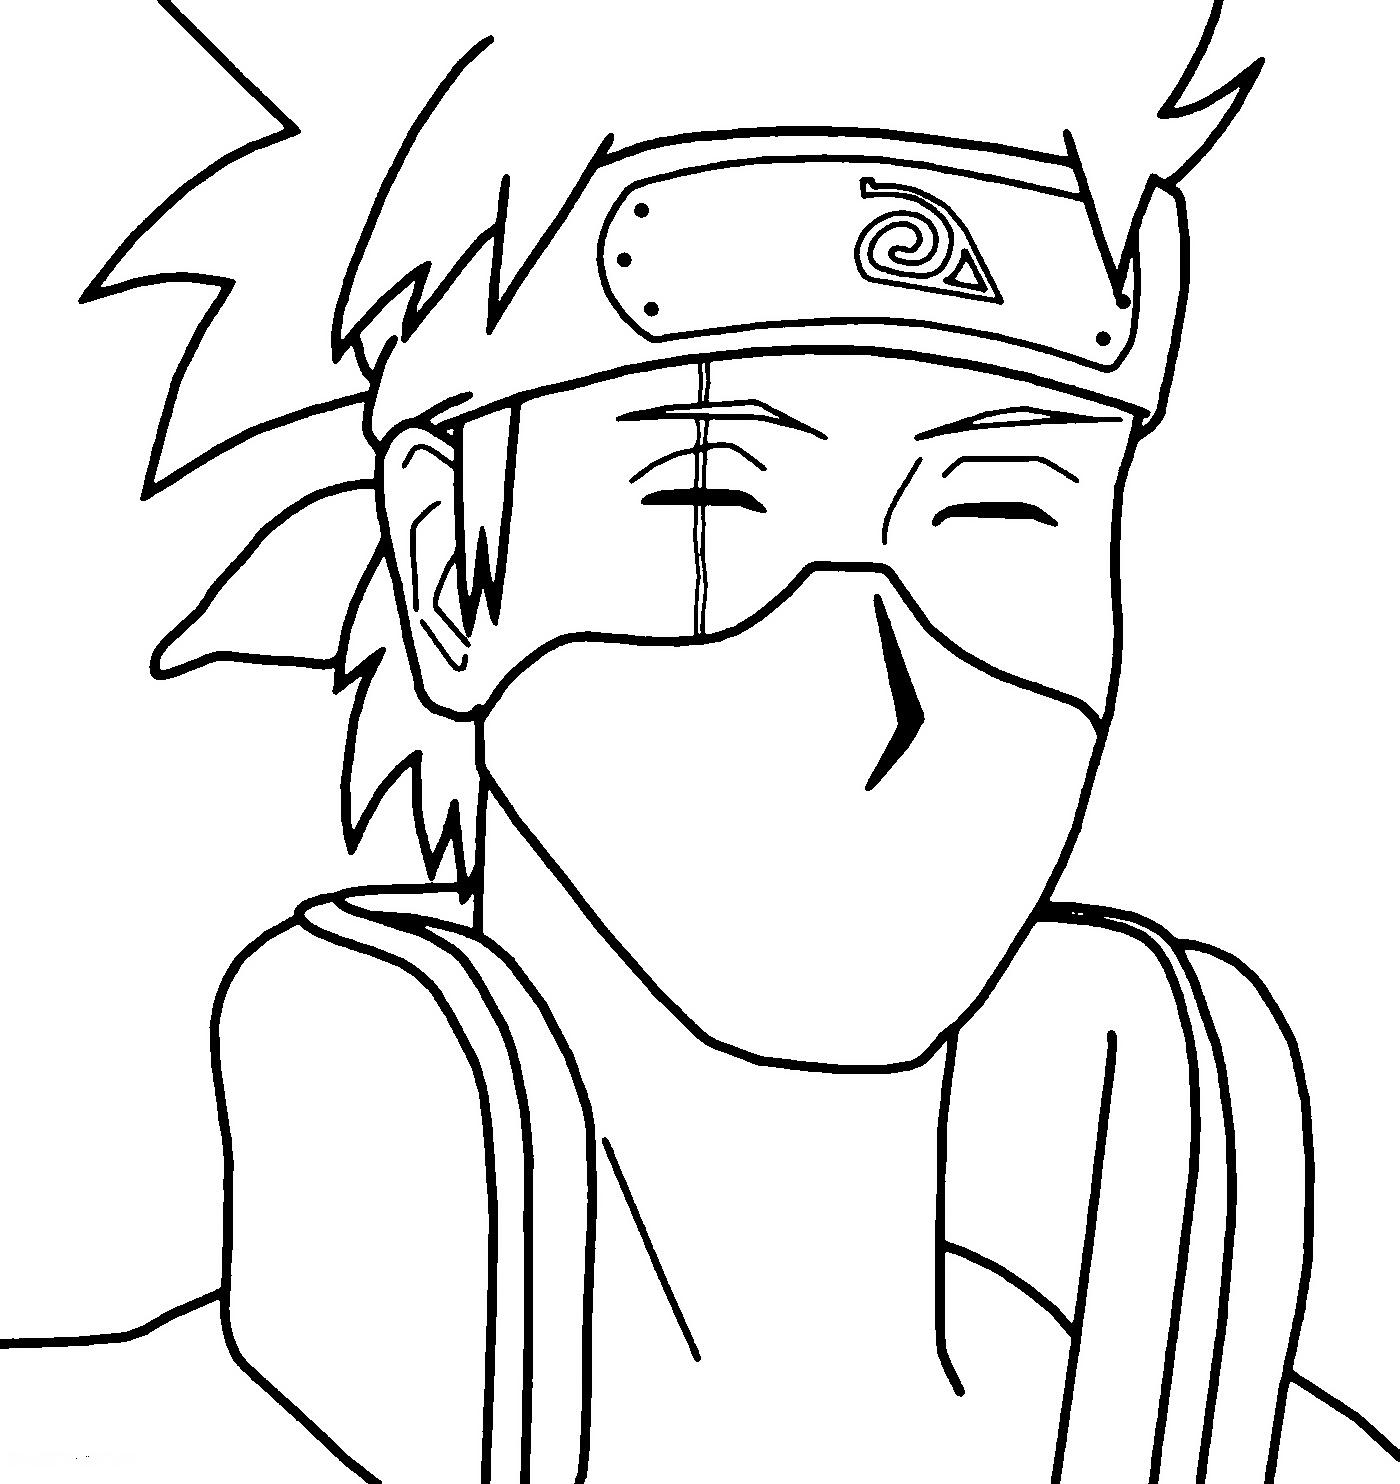 Naruto Malvorlagen für Kinder - Beste Wahl  Super Malvorlagen